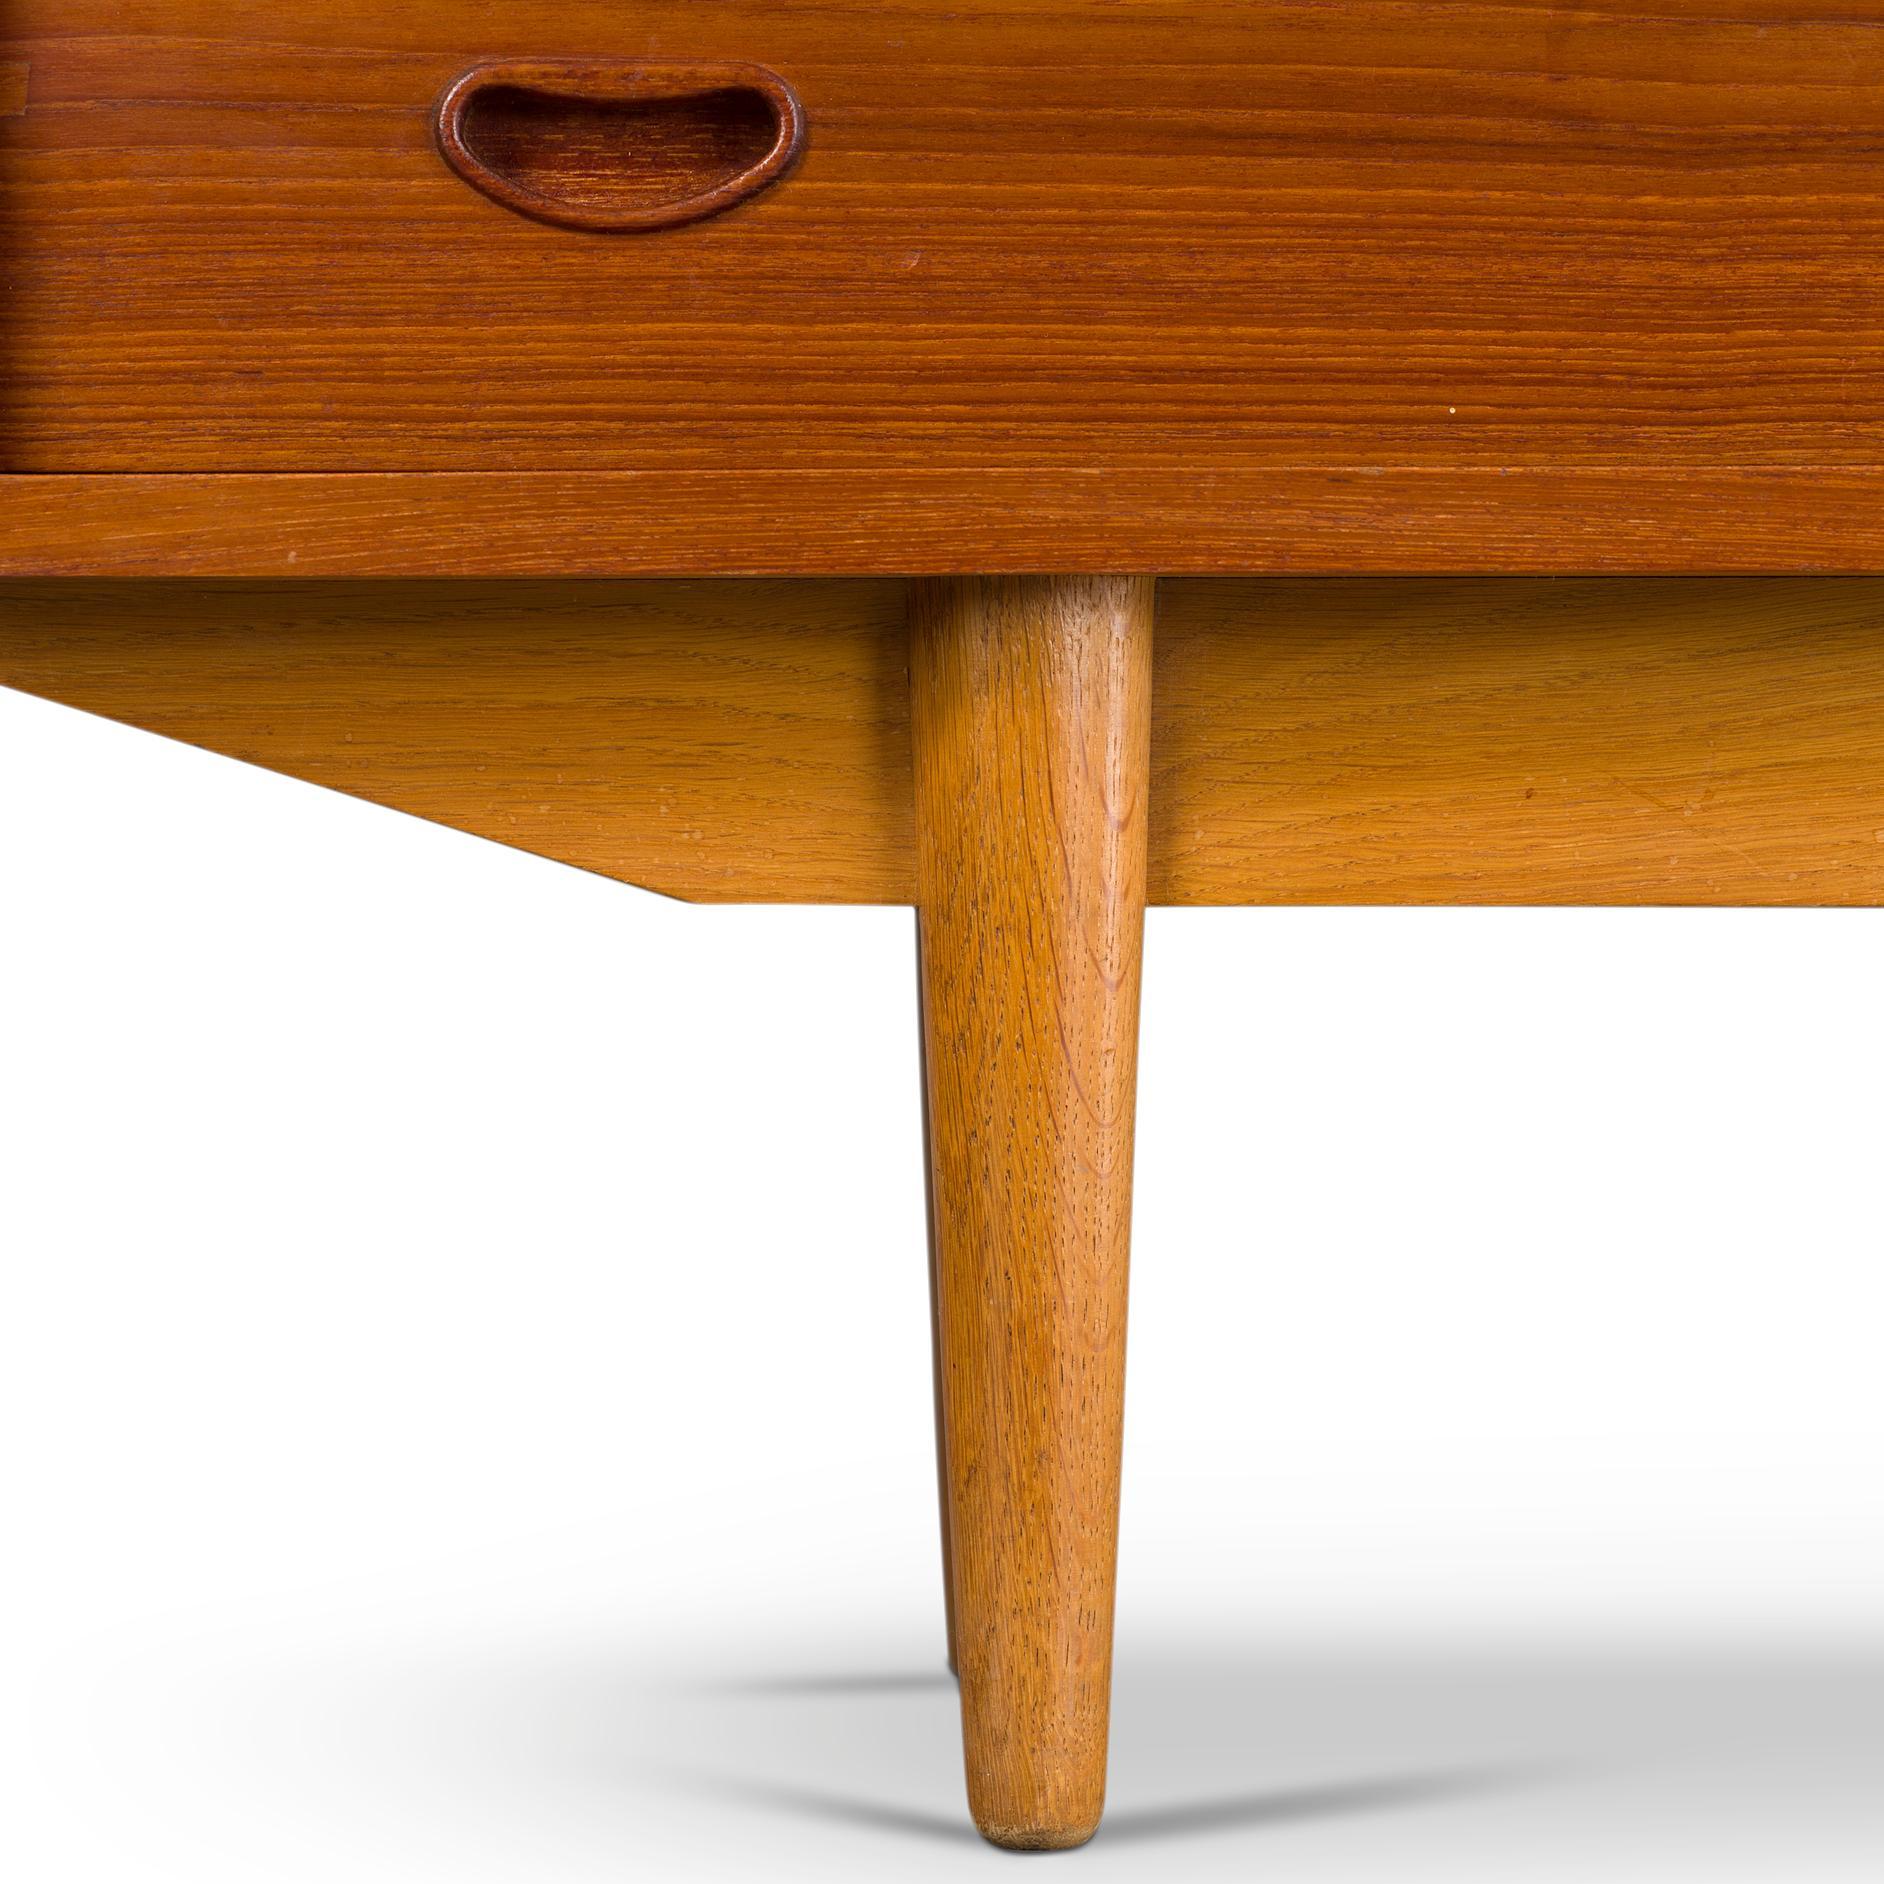 Danish Modern Two Tier Sideboard In Teak With Oak From Skovby Møbelfabrik 1960s